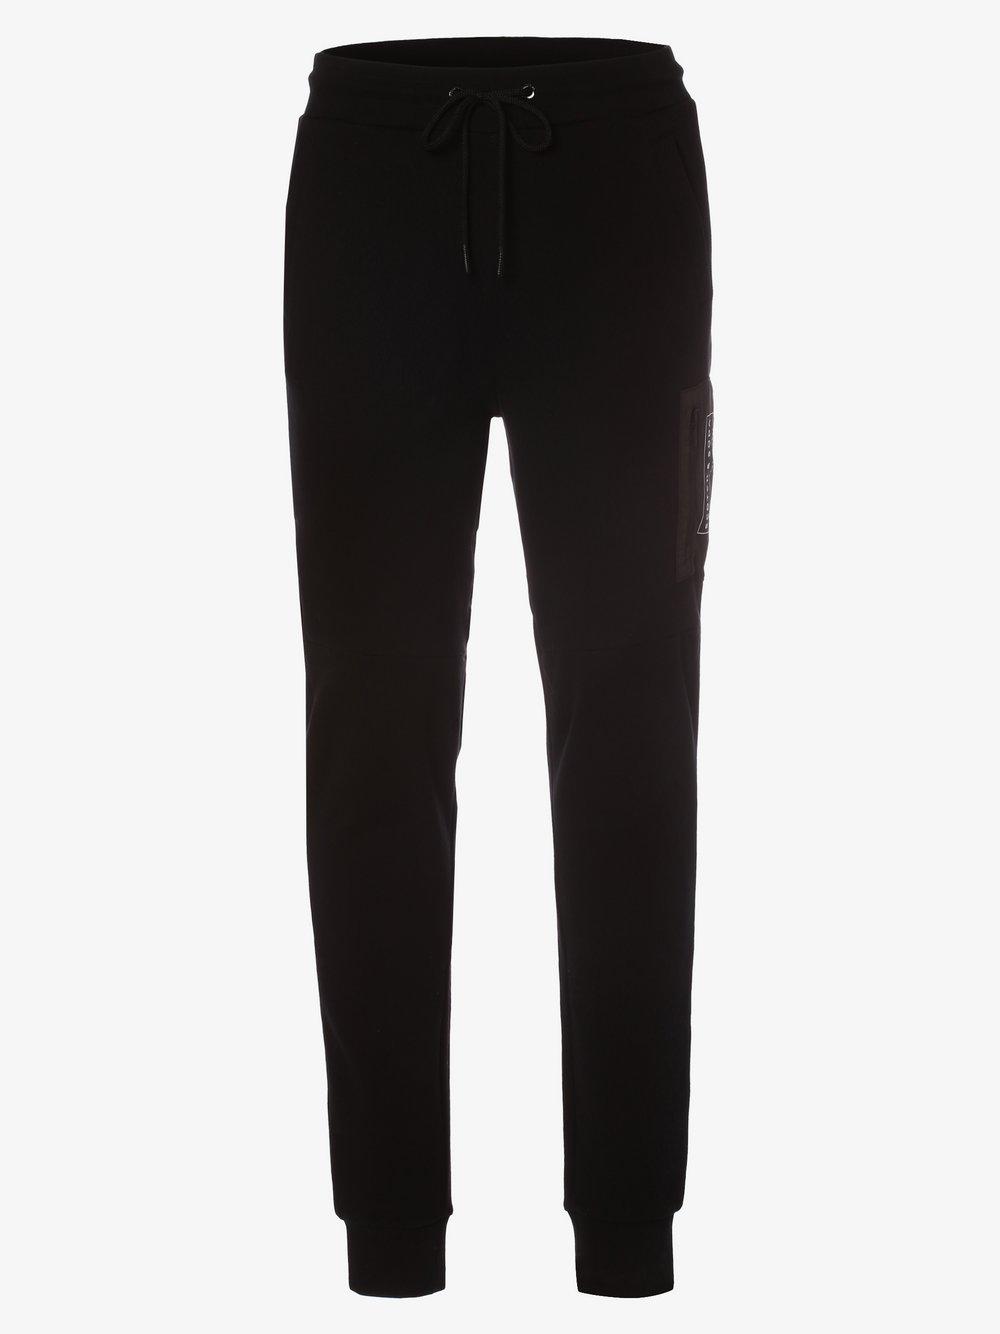 Scotch & Soda - Spodnie dresowe męskie, czarny